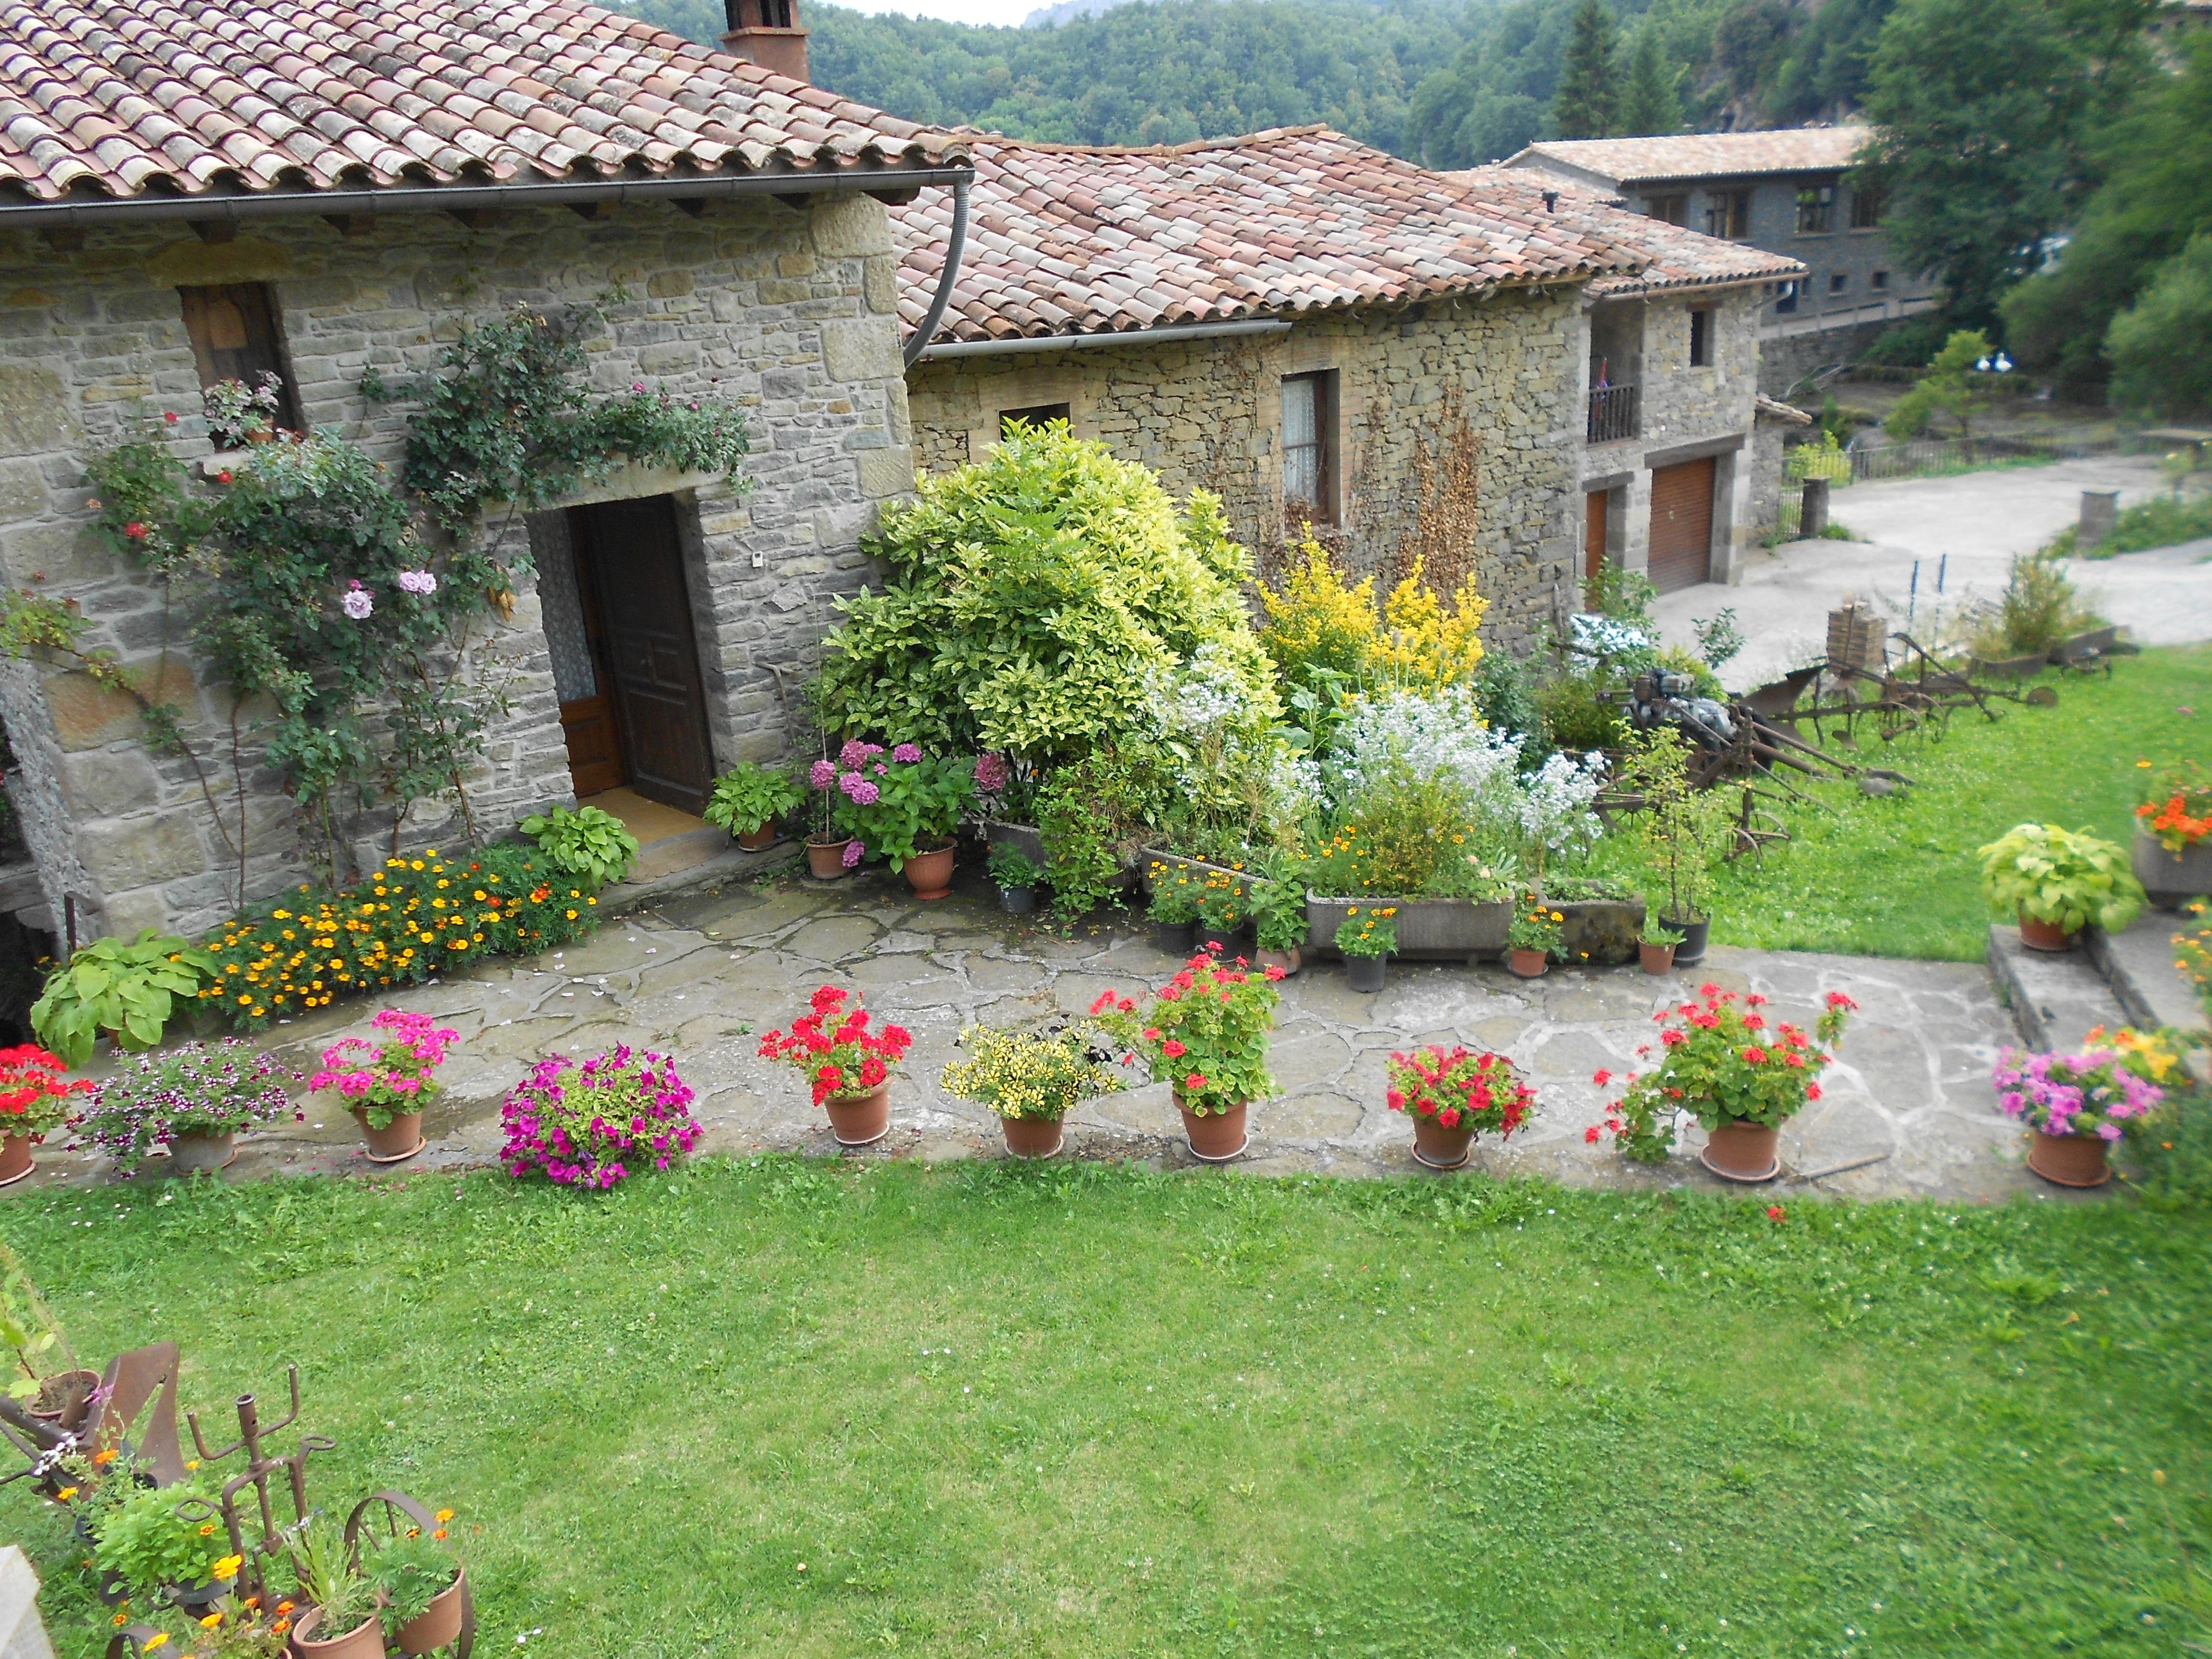 Images Gratuites : architecture, pelouse, fleur, bâtiment, verger ...